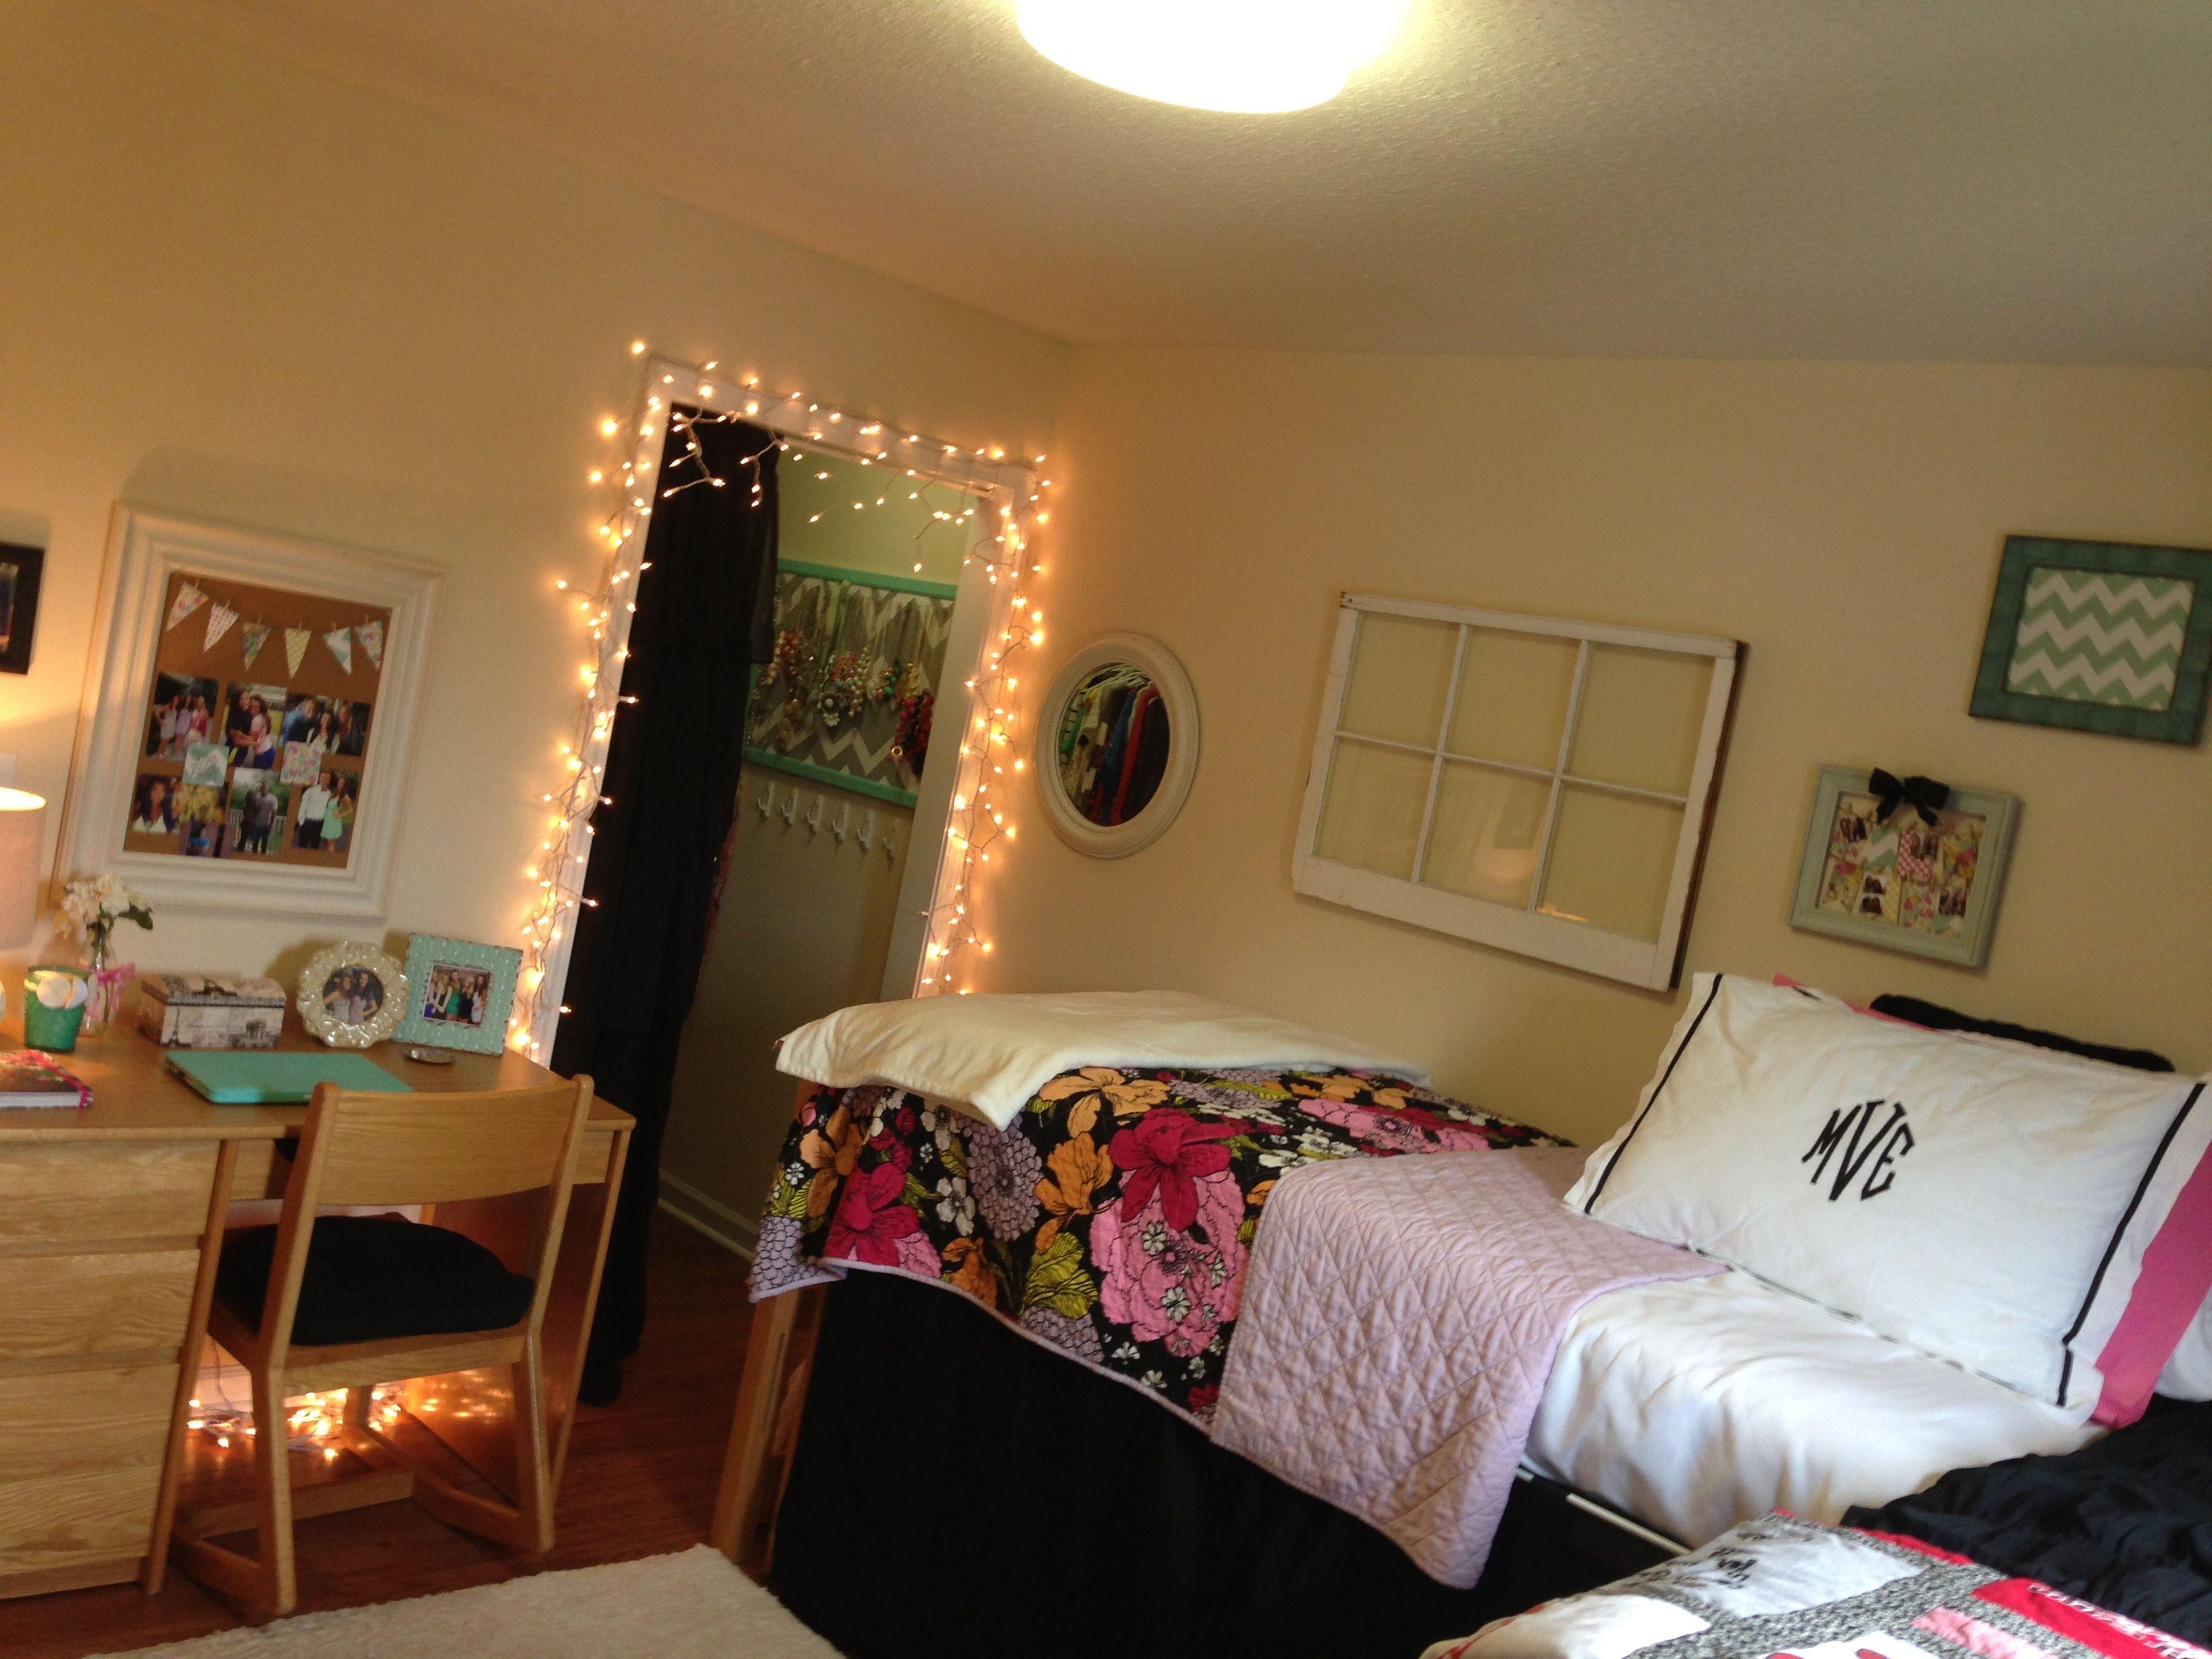 Morg s cute dorm room Dorm Room Pinterest